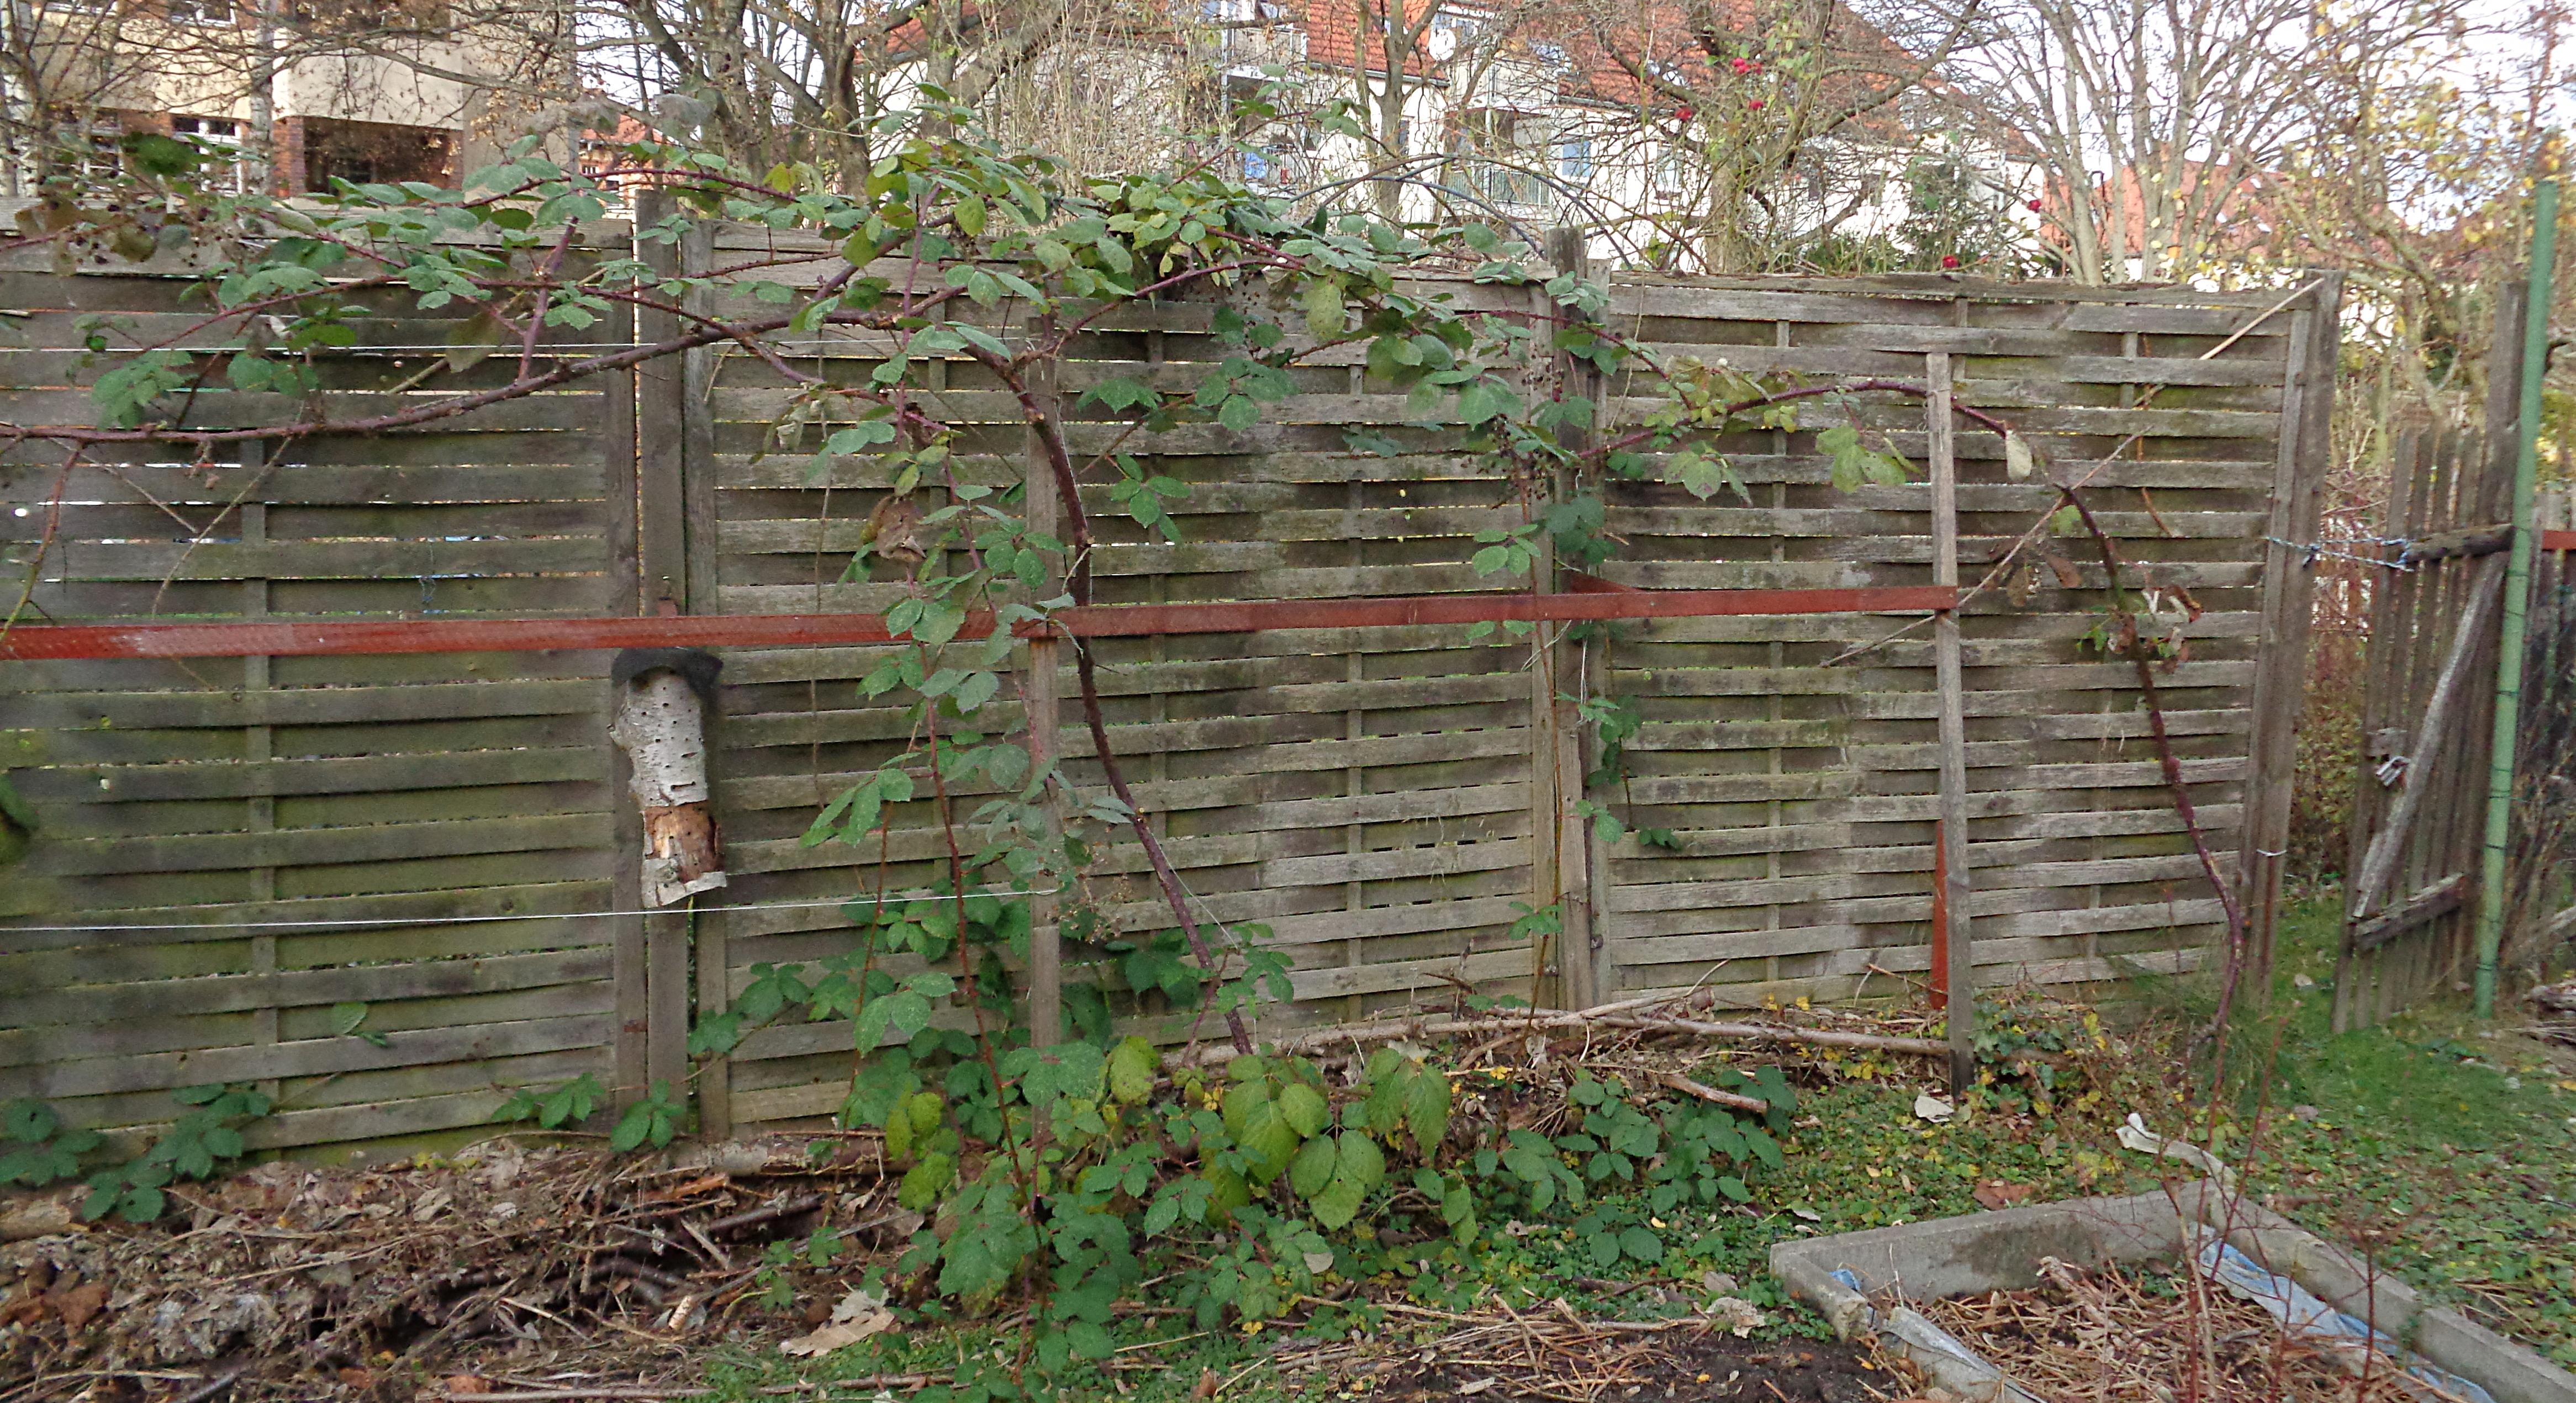 Berühmt Obstgehölze hegen und pflegen – Herbstpflege für Brombeeren @WL_75